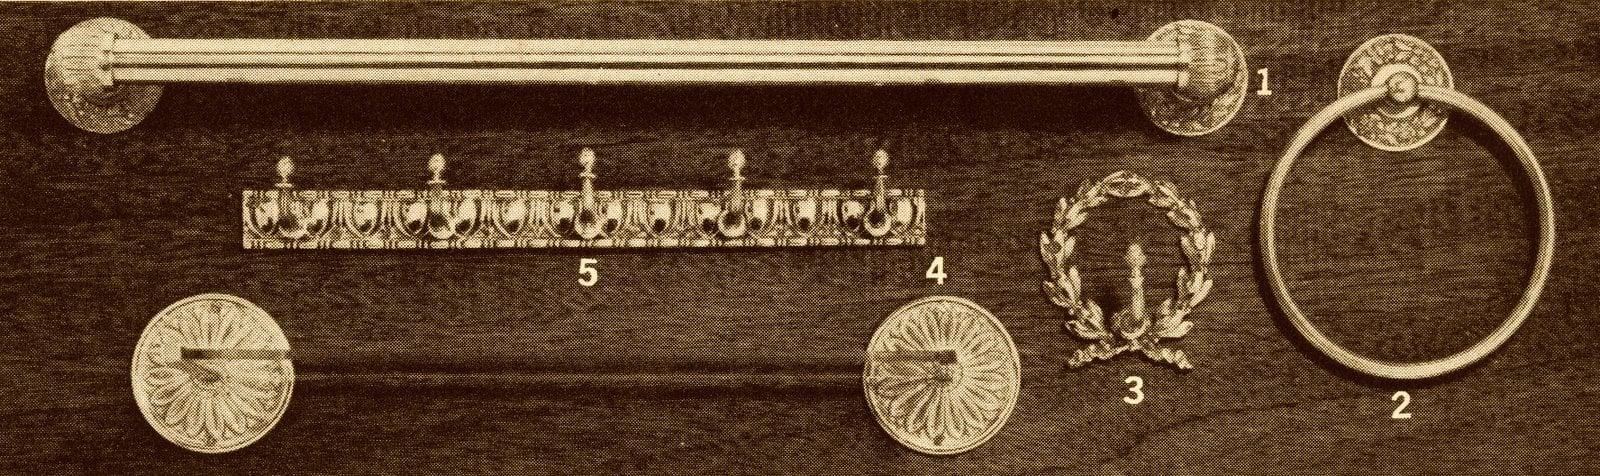 Retro 60s doorknobs, handles and pulls (1965)